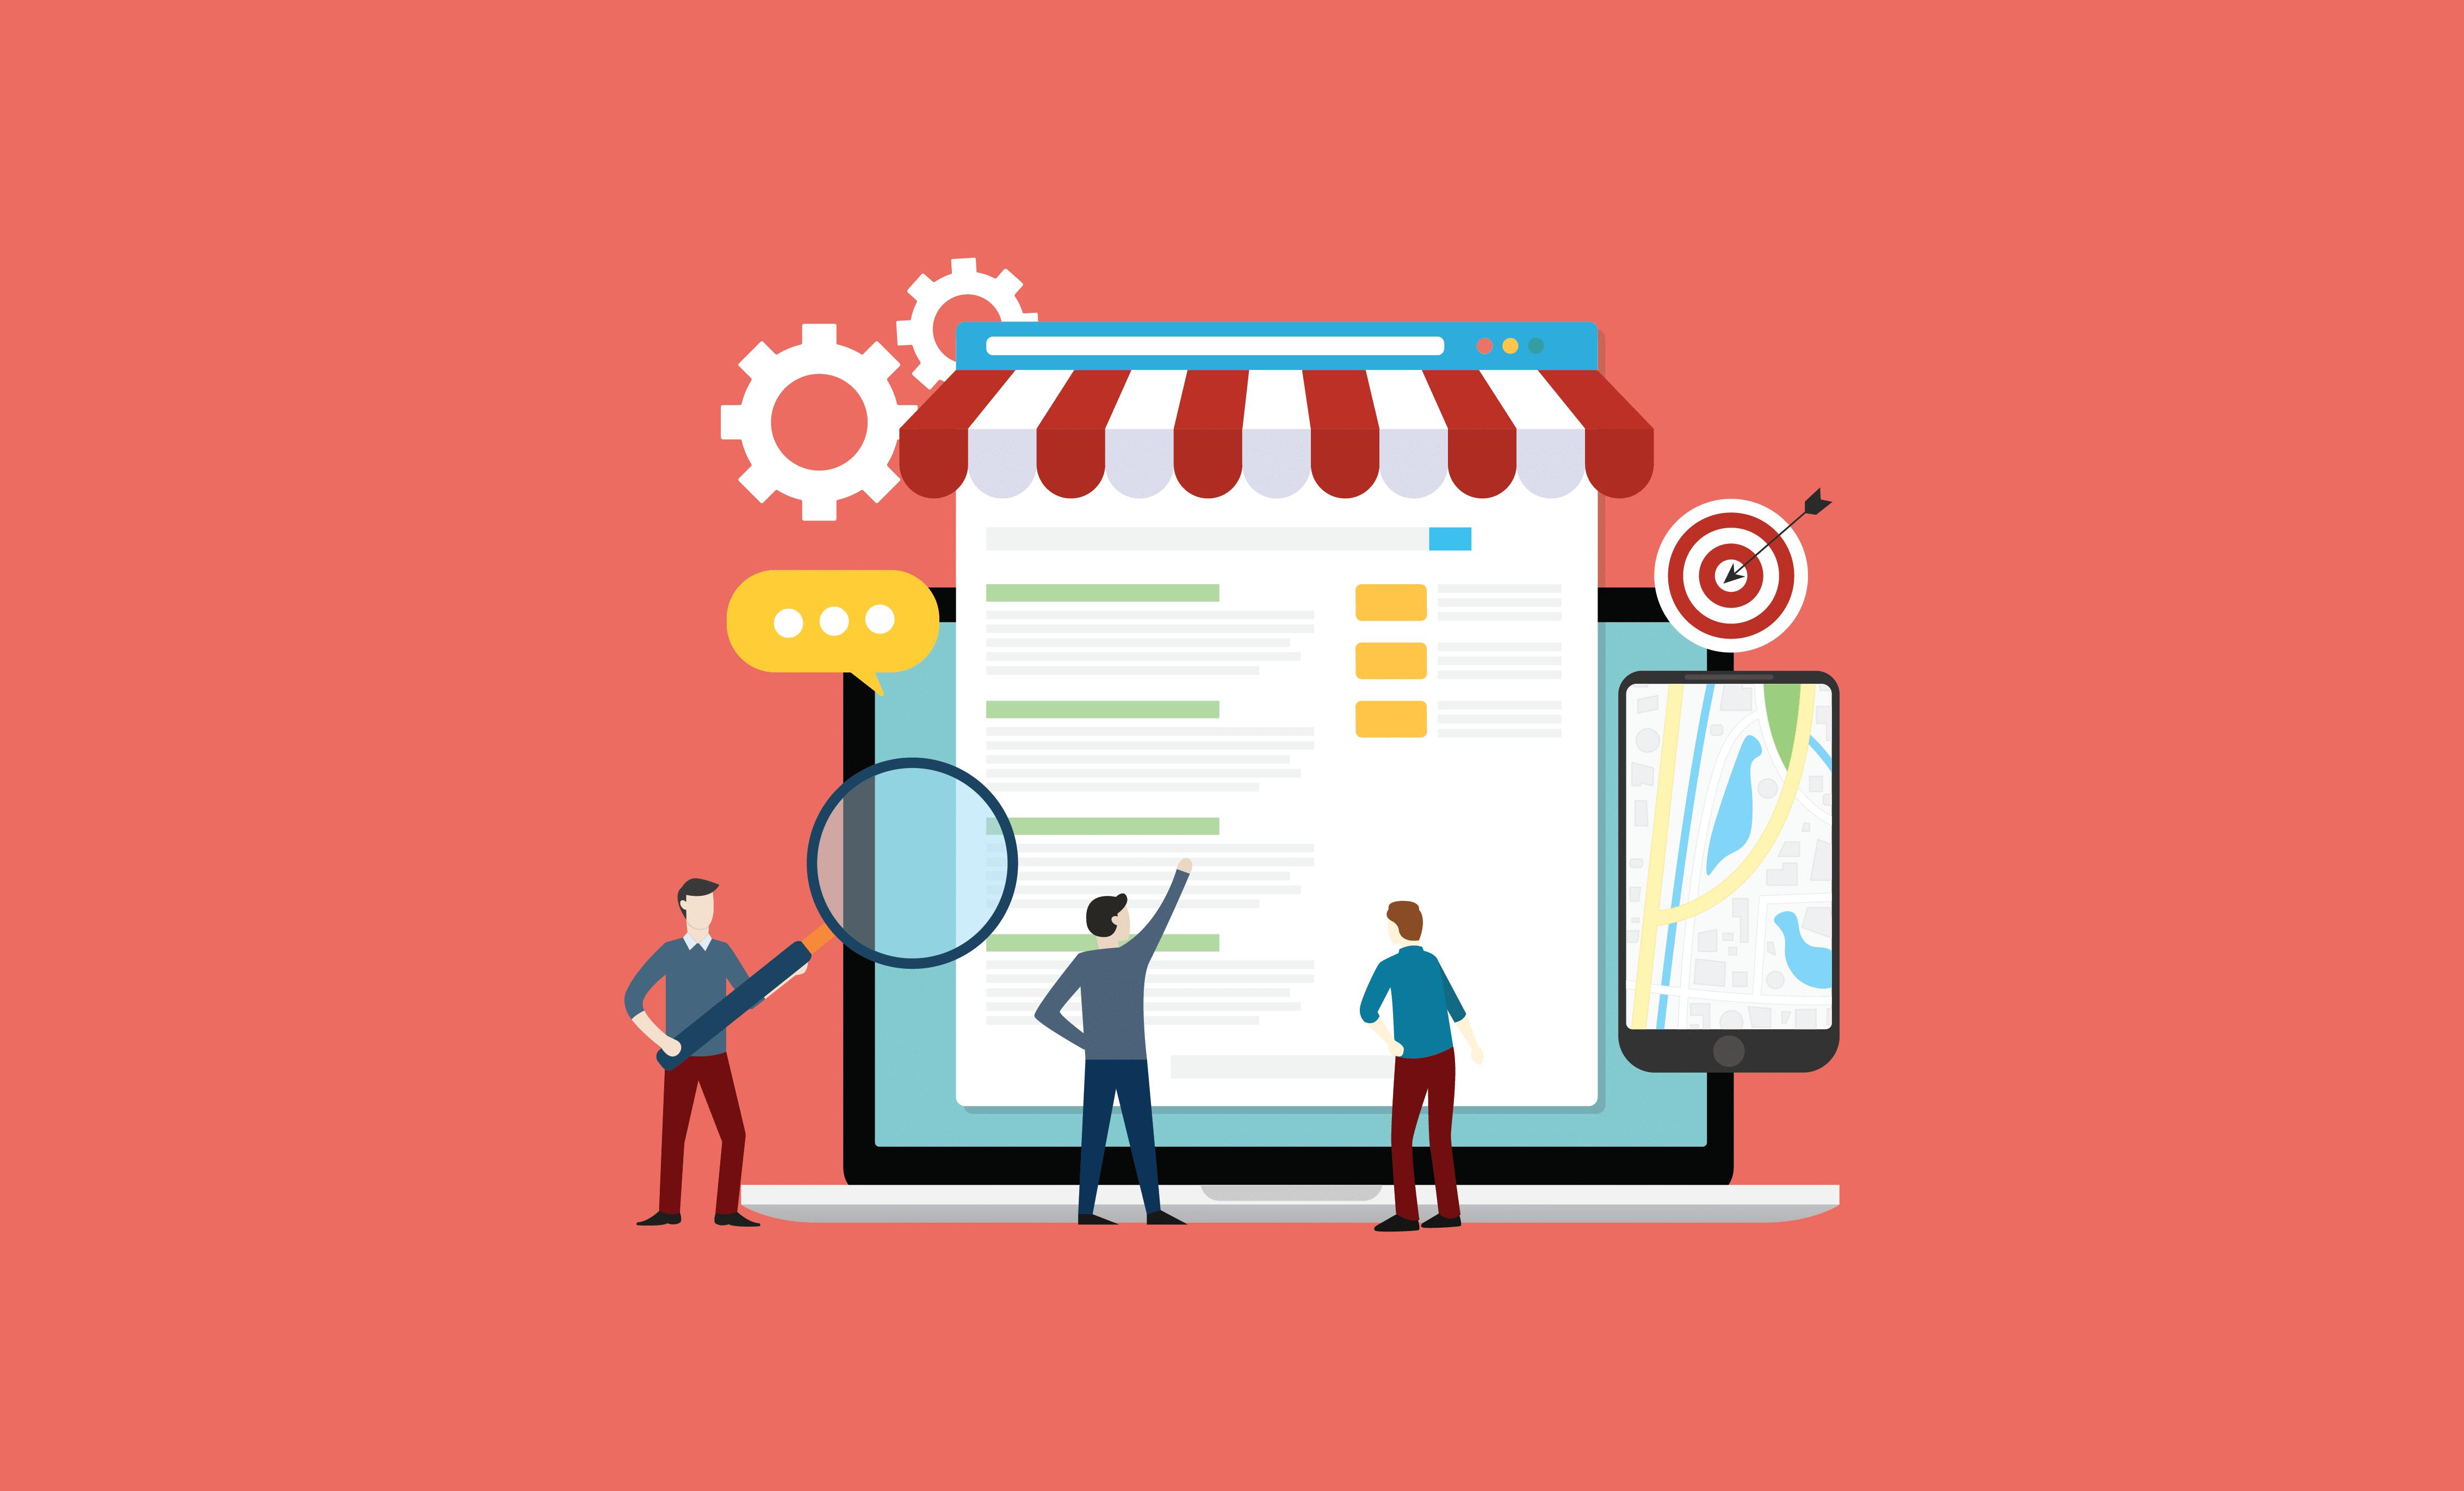 Comment optimiser le référencement local de votre entreprise ? 1